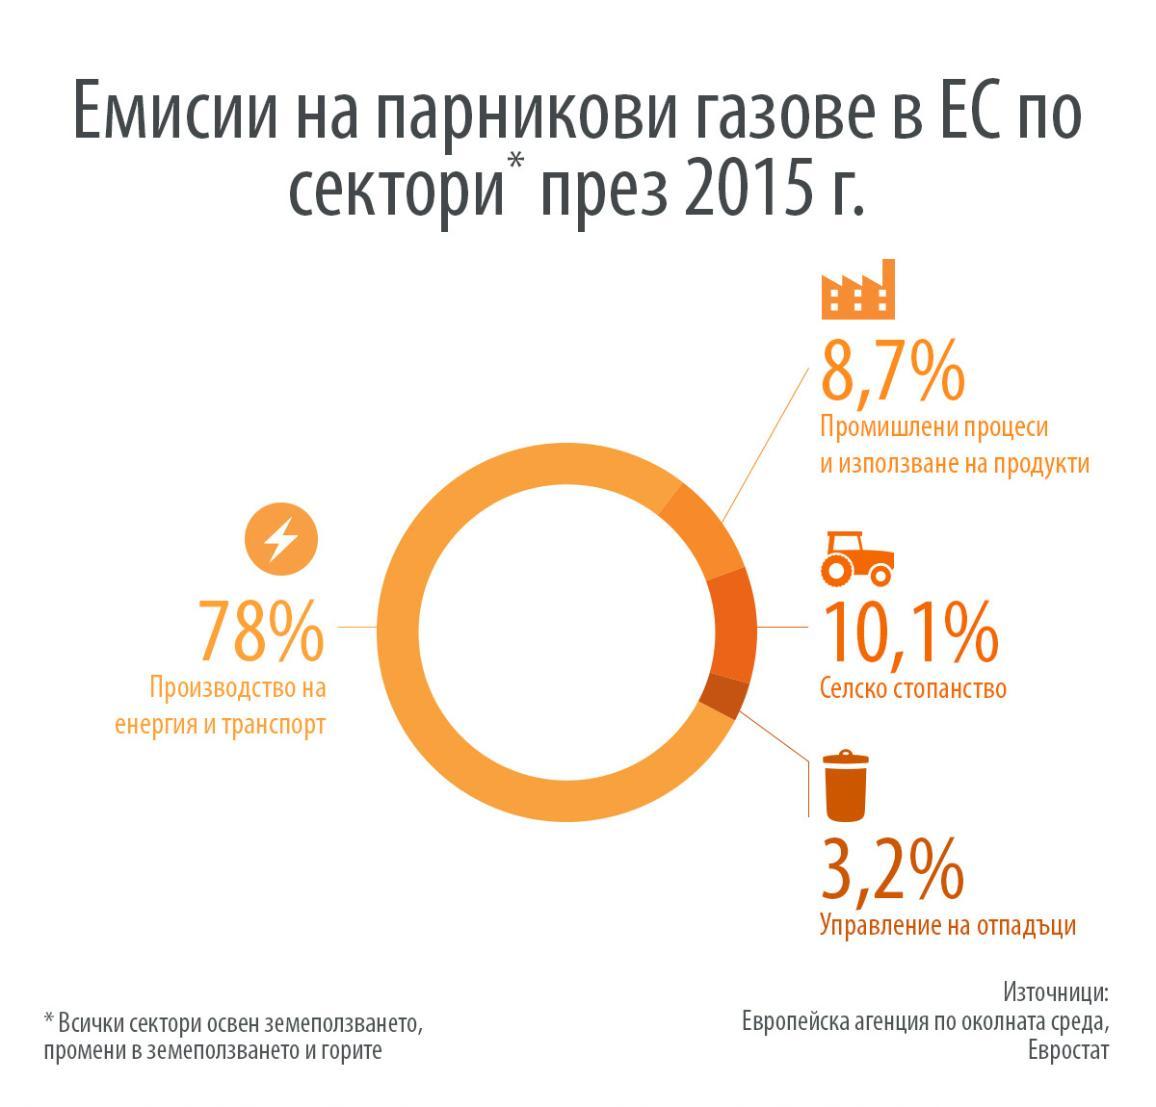 Инфографика: Сектори, които генерират парниковите газове в ЕС